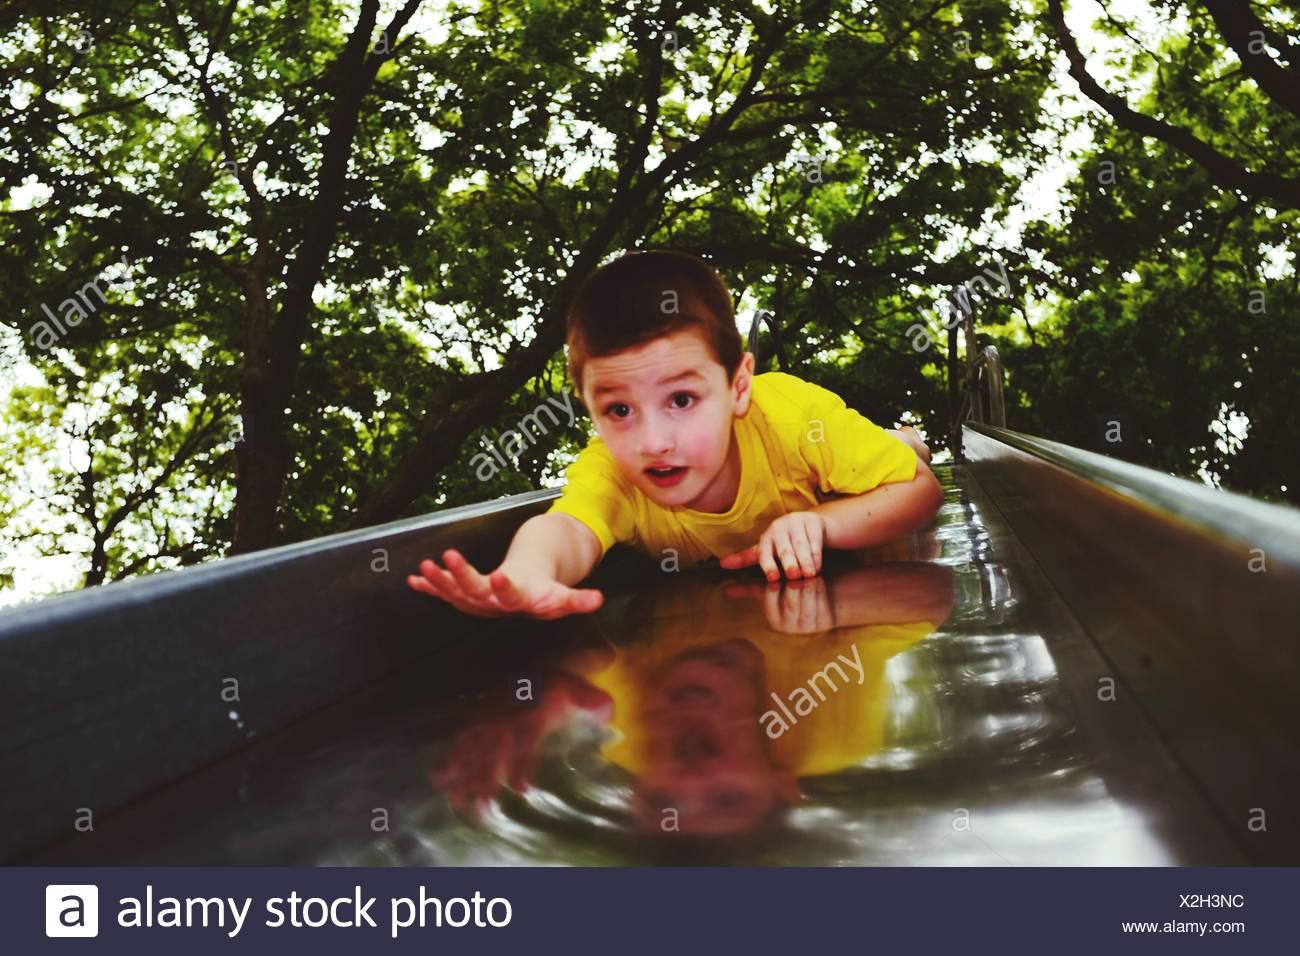 Junge gleiten auf Folie im Park Stockbild